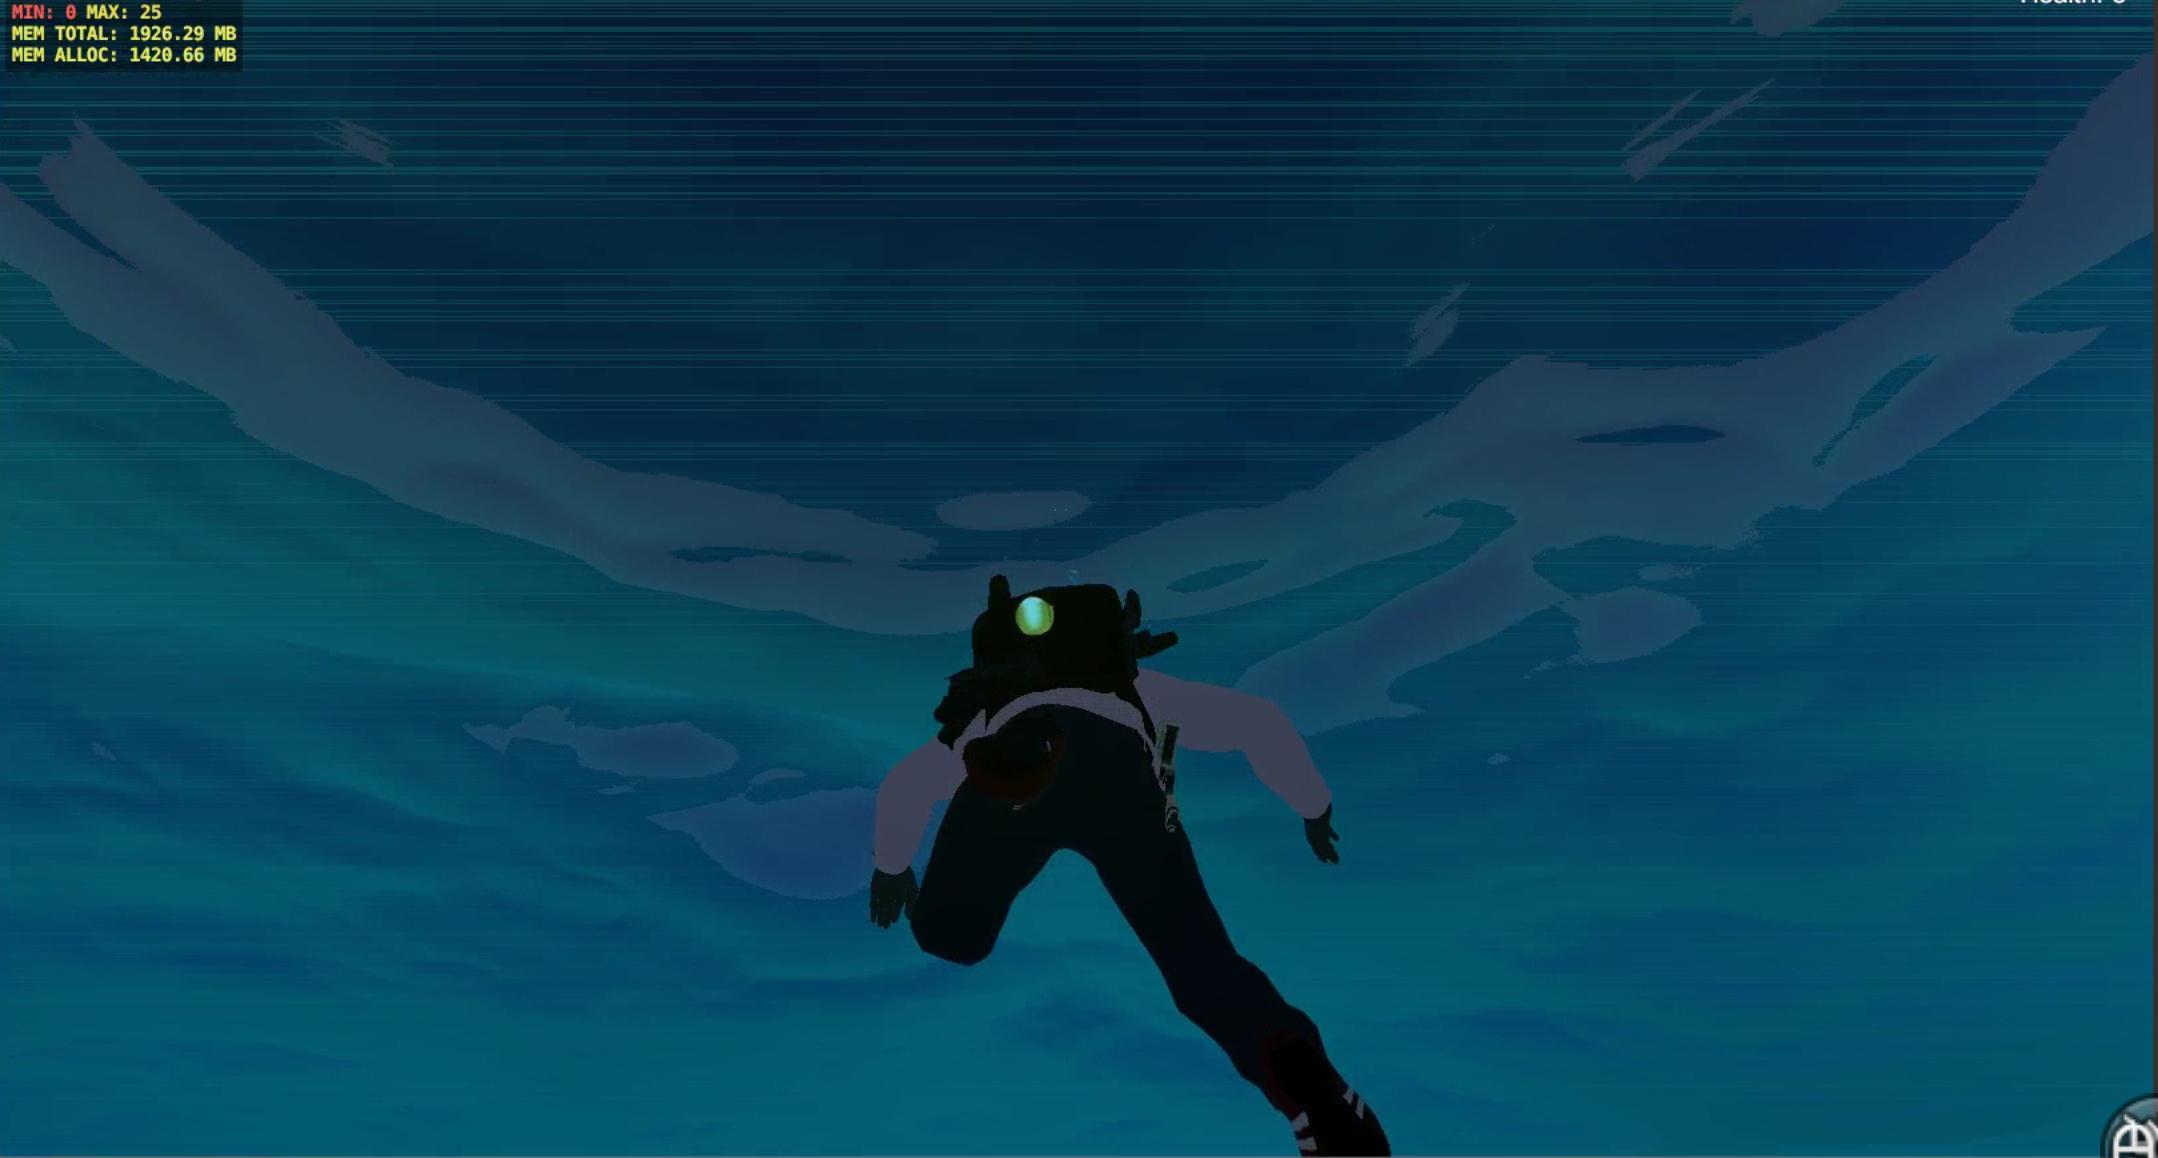 UnderwaterTopFog.jpg